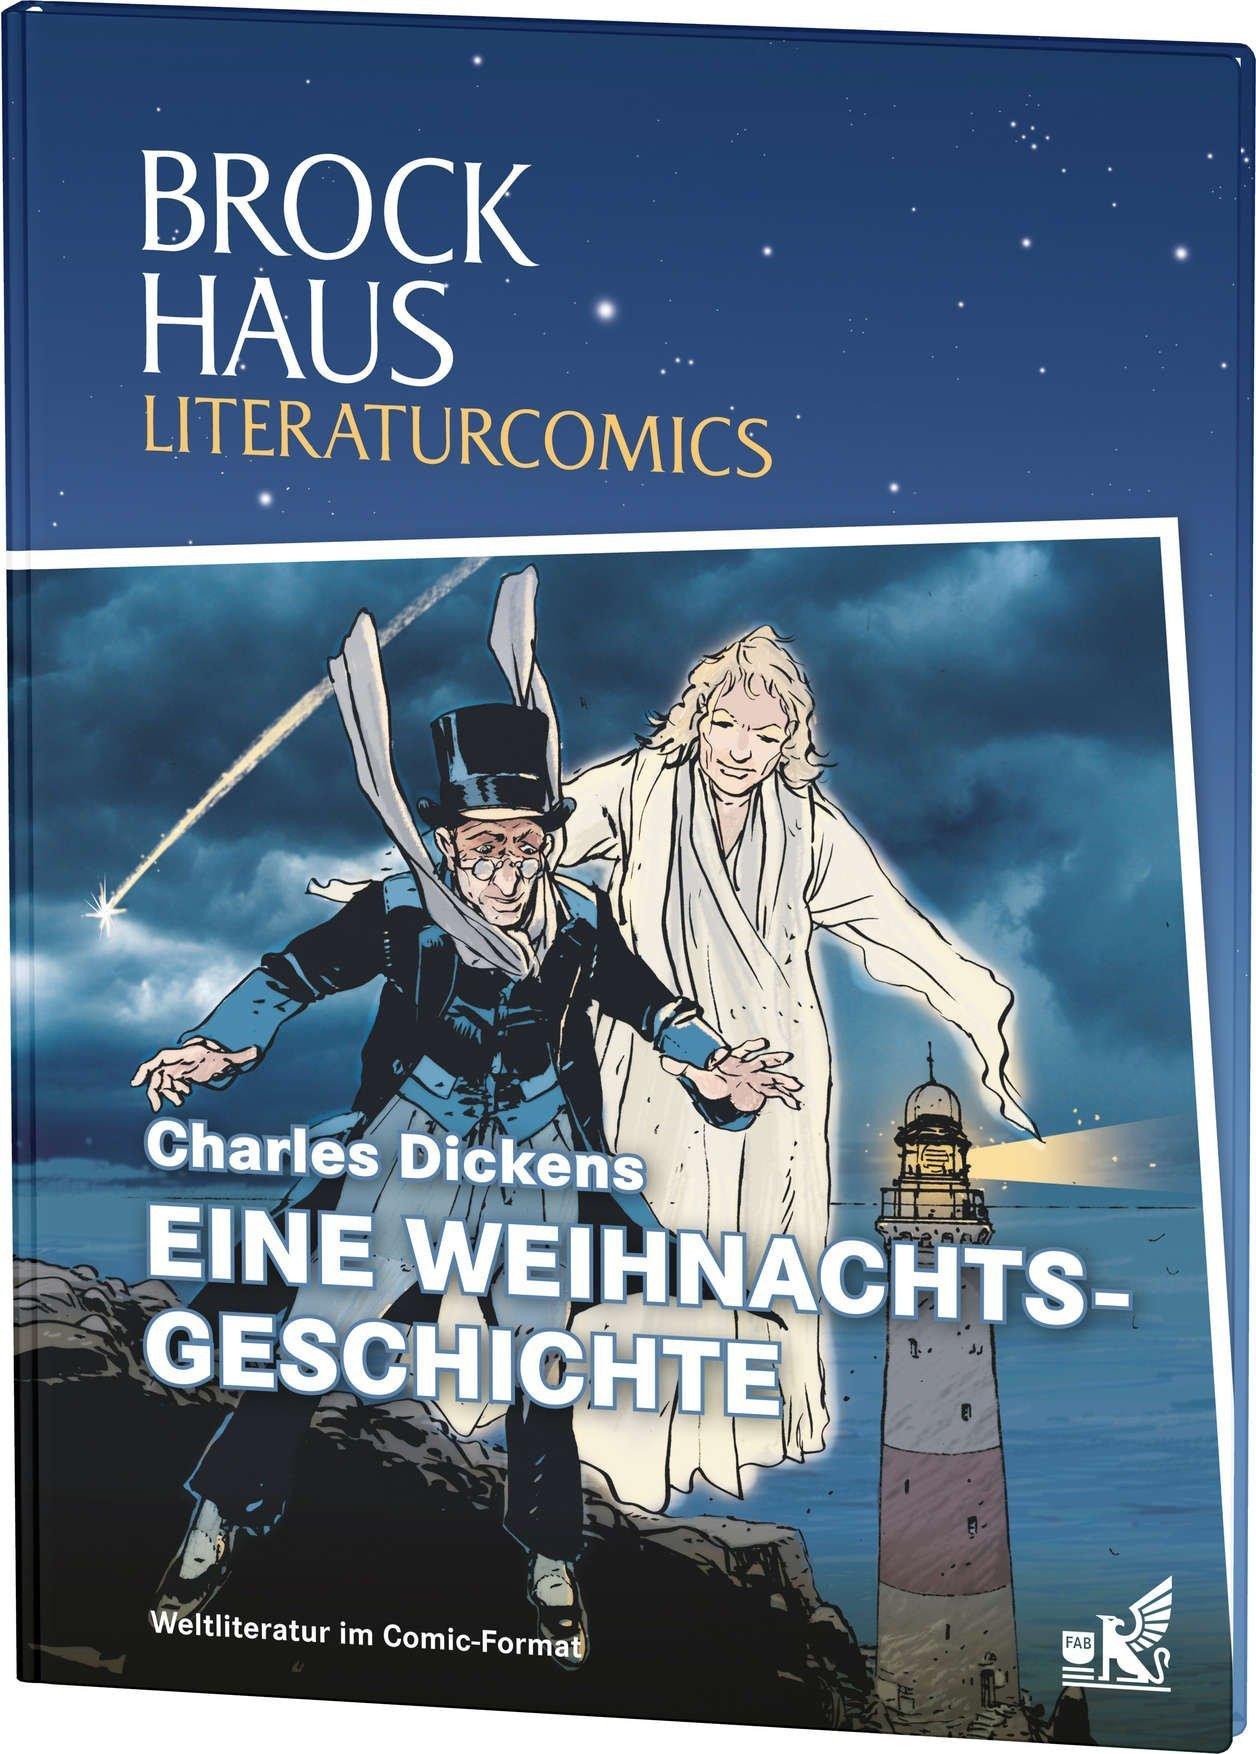 Brockhaus Literaturcomics Eine Weihnachtsgeschichte: Weltliteratur im Comic-Format von Charles Dickens (12. September 2013) Gebundene Ausgabe